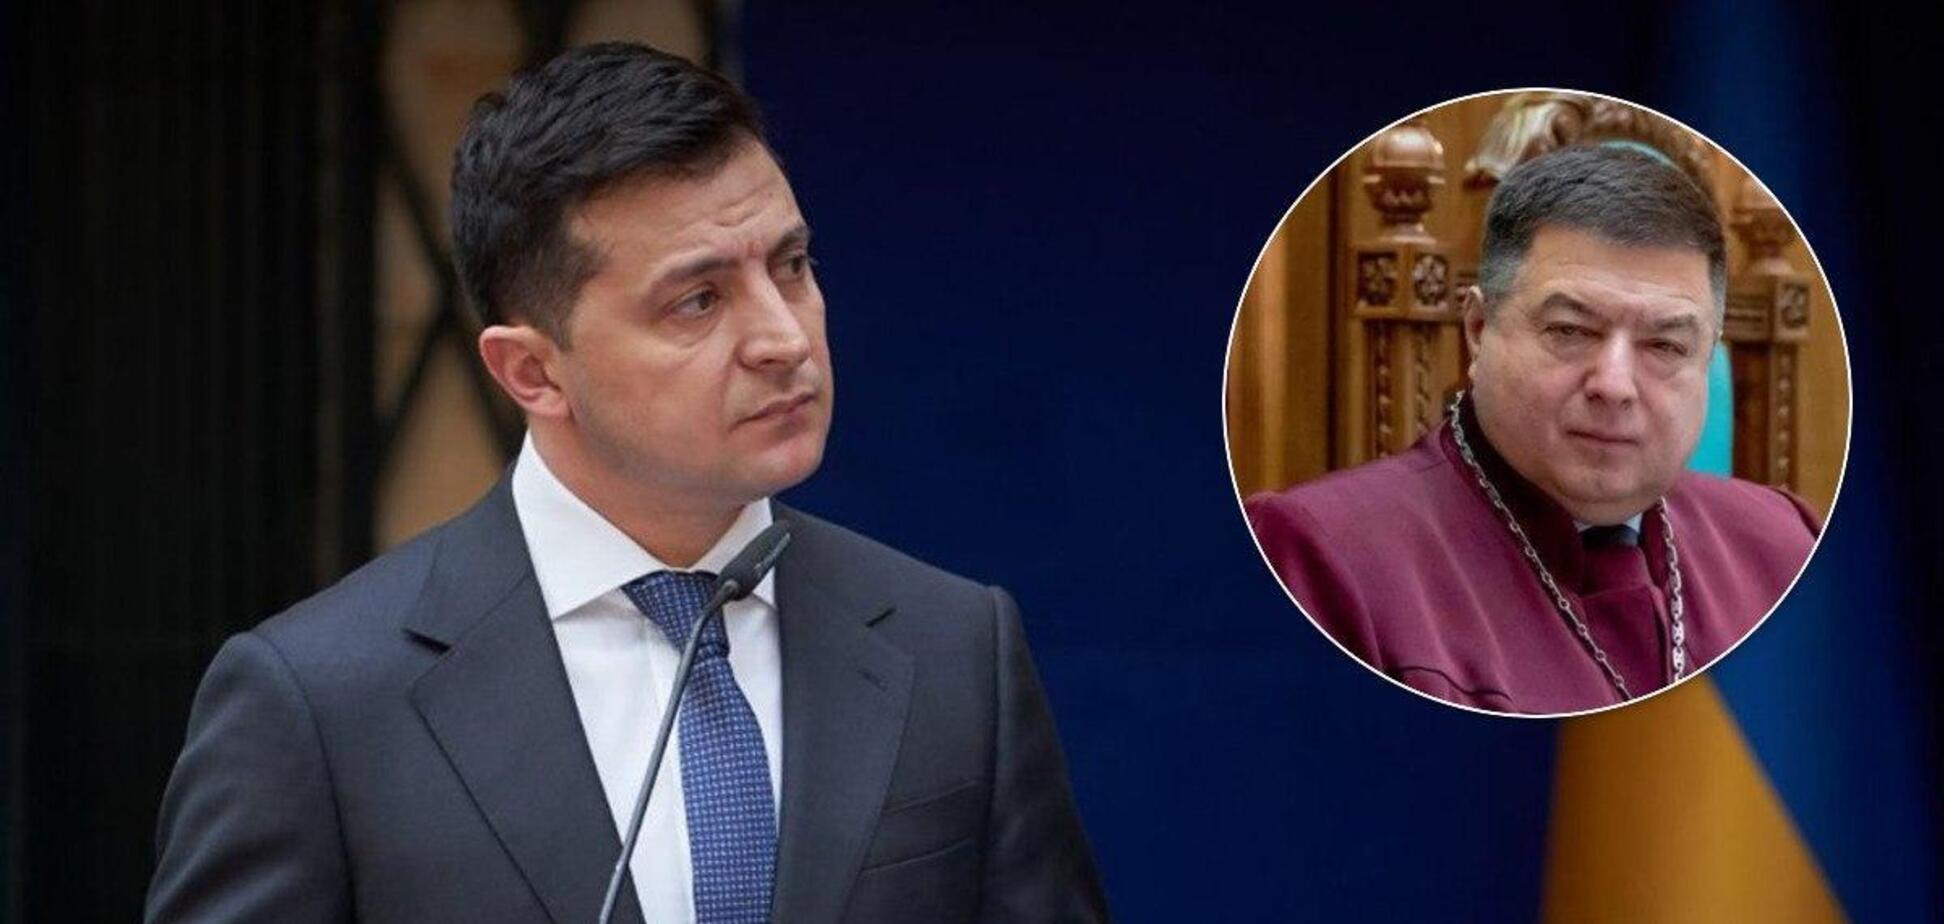 Тупицький побачив у законопроєкті Зеленського ознаки конституційного перевороту